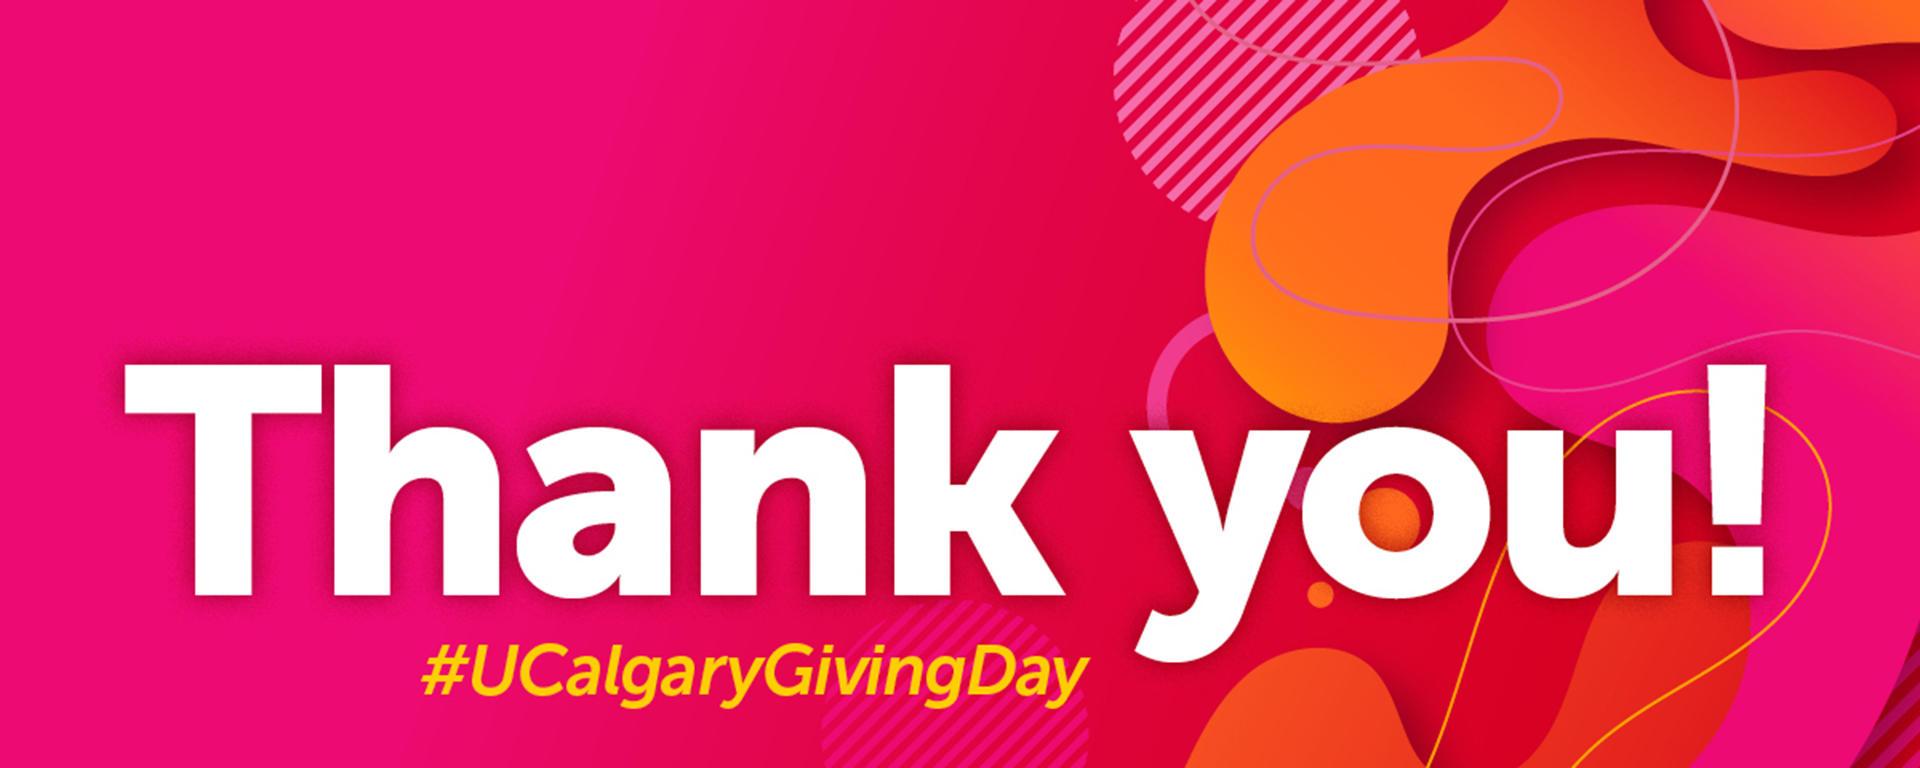 Thank you! #UCalgaryGivingDay